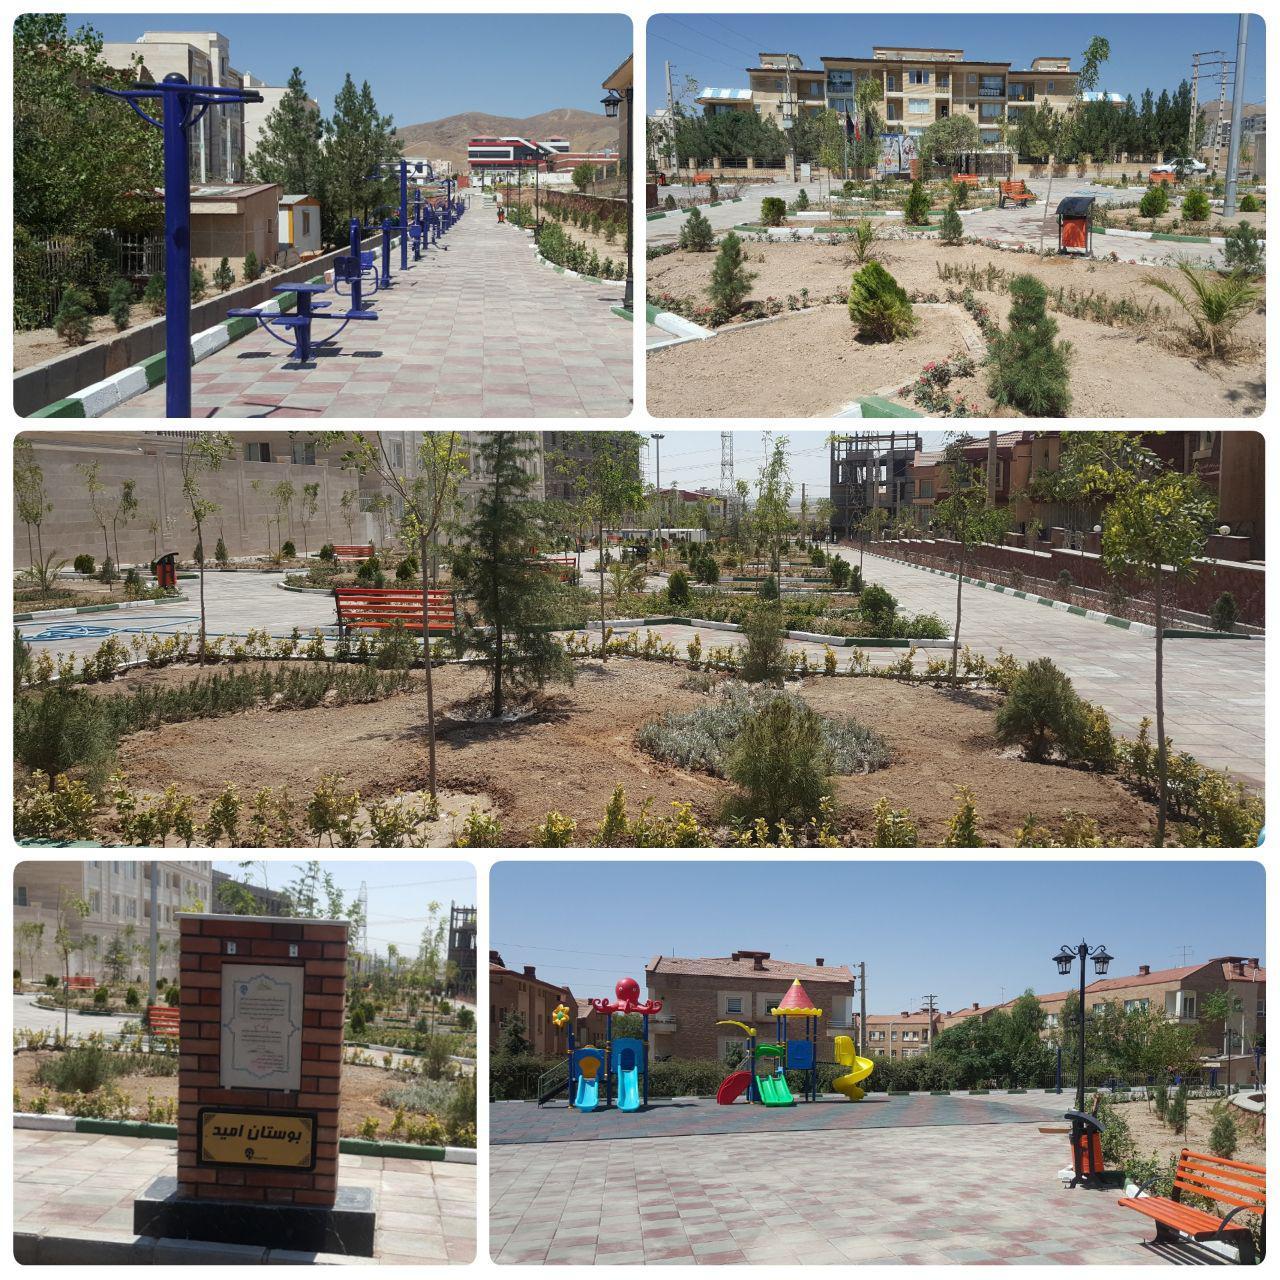 اتمام کاشت فضای و نصب سِت های ورزشی در پارک امید